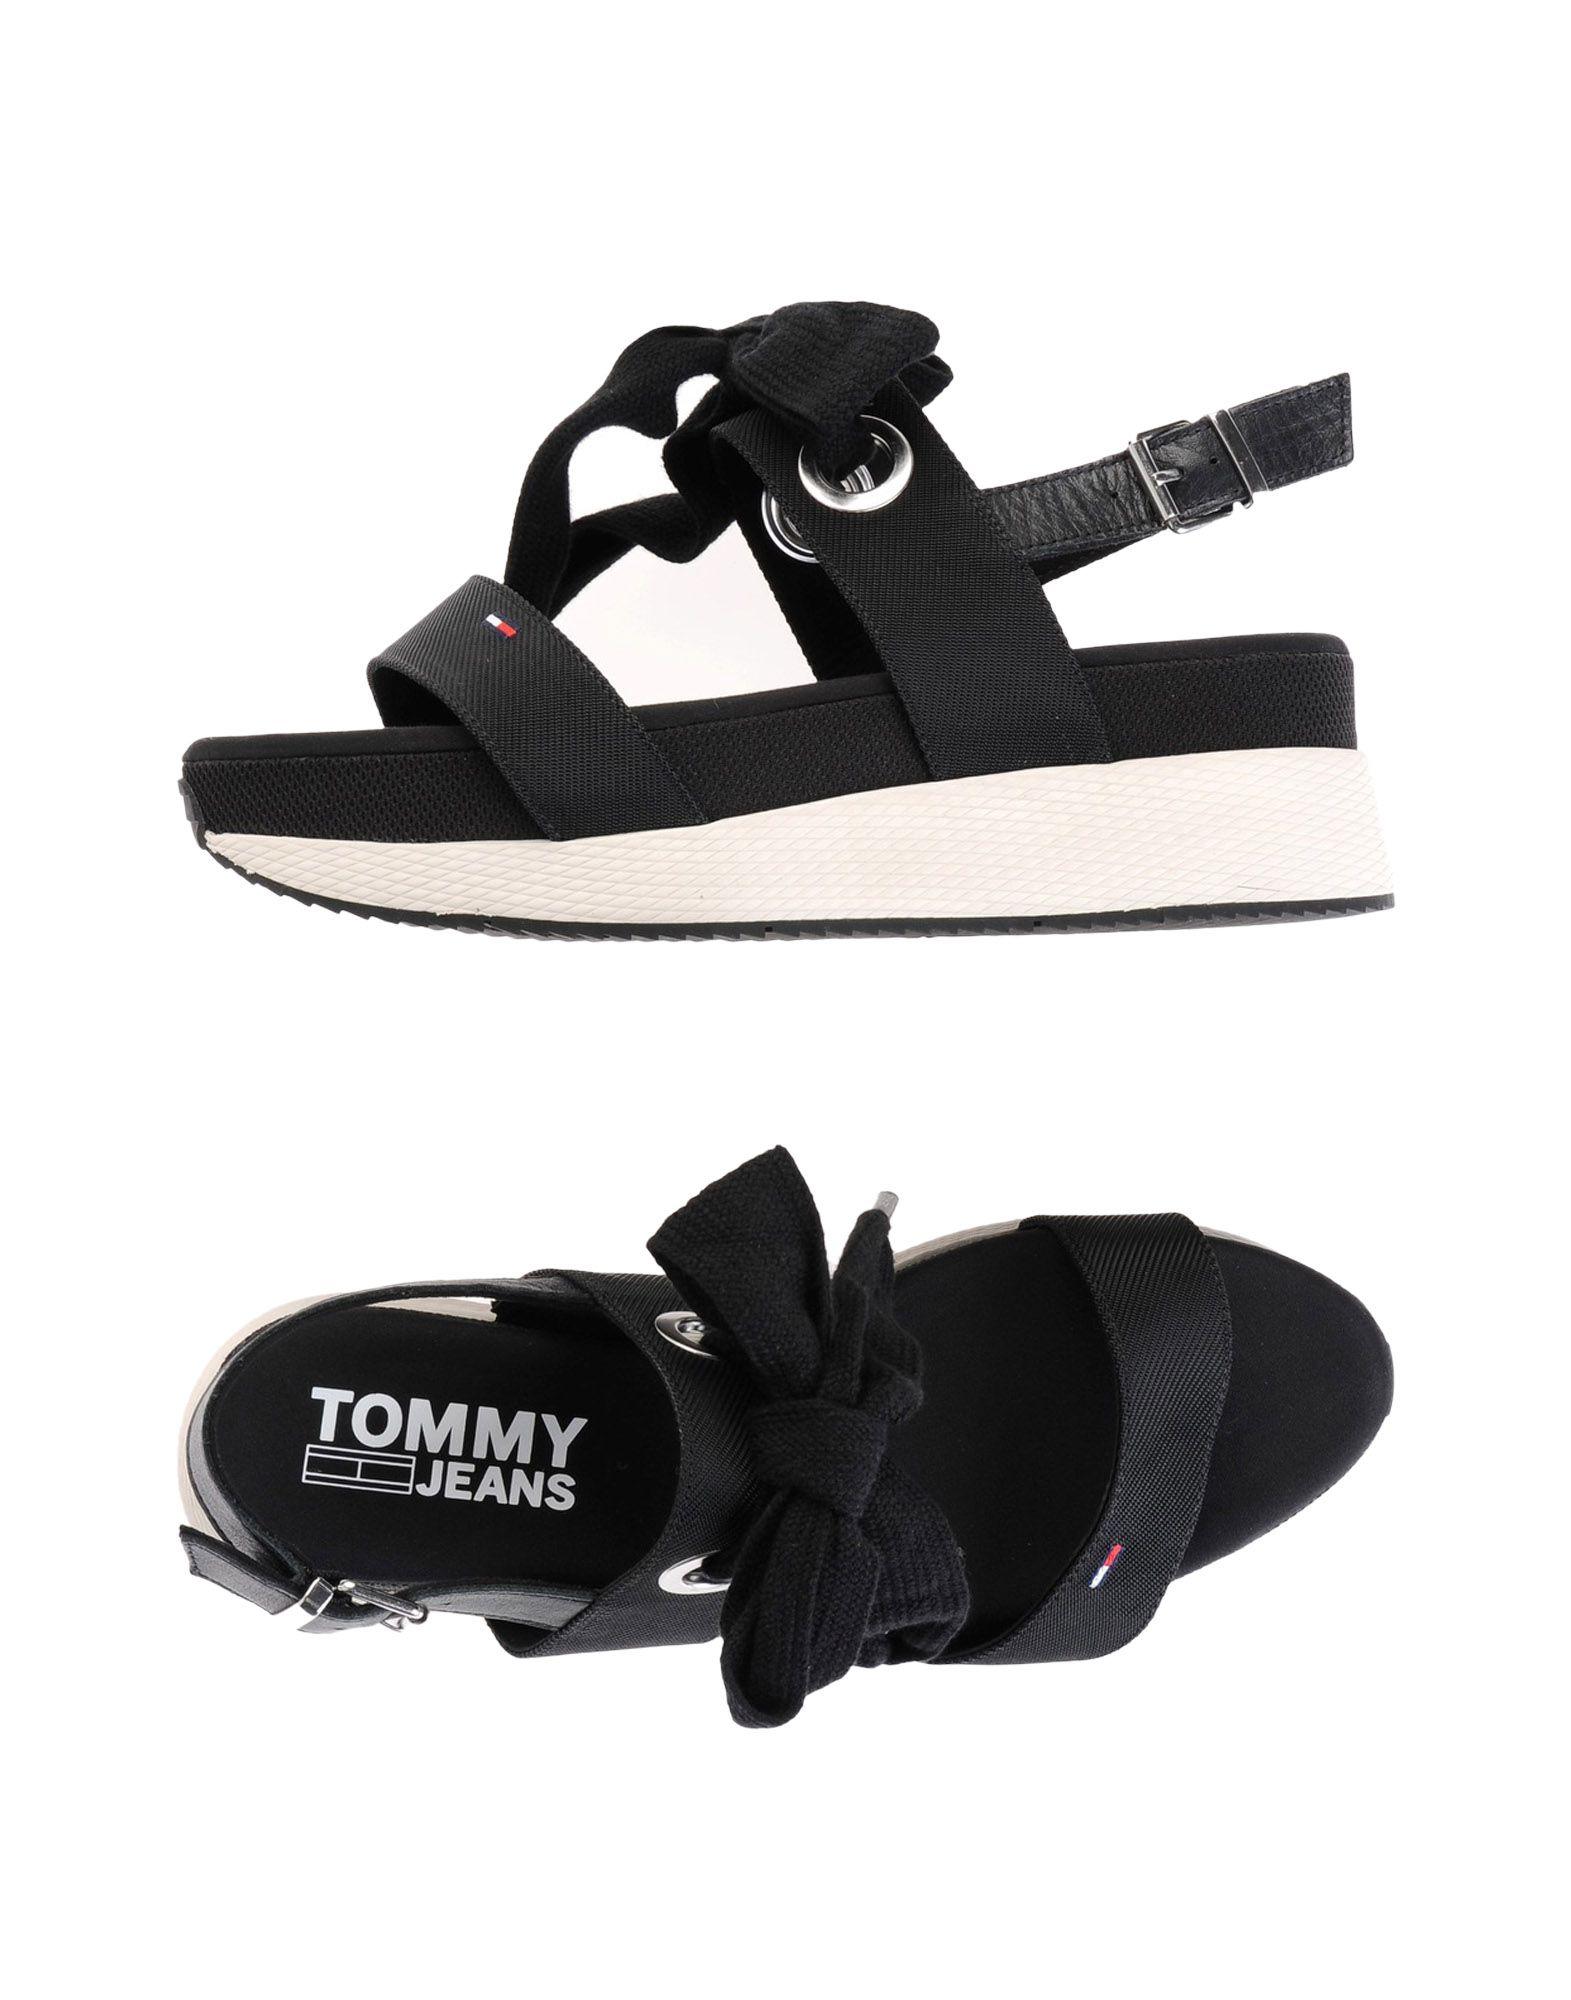 Sandales Tommy Jeans Modern Hybrid Sandal Bow - Femme - Sandales Tommy Jeans sur